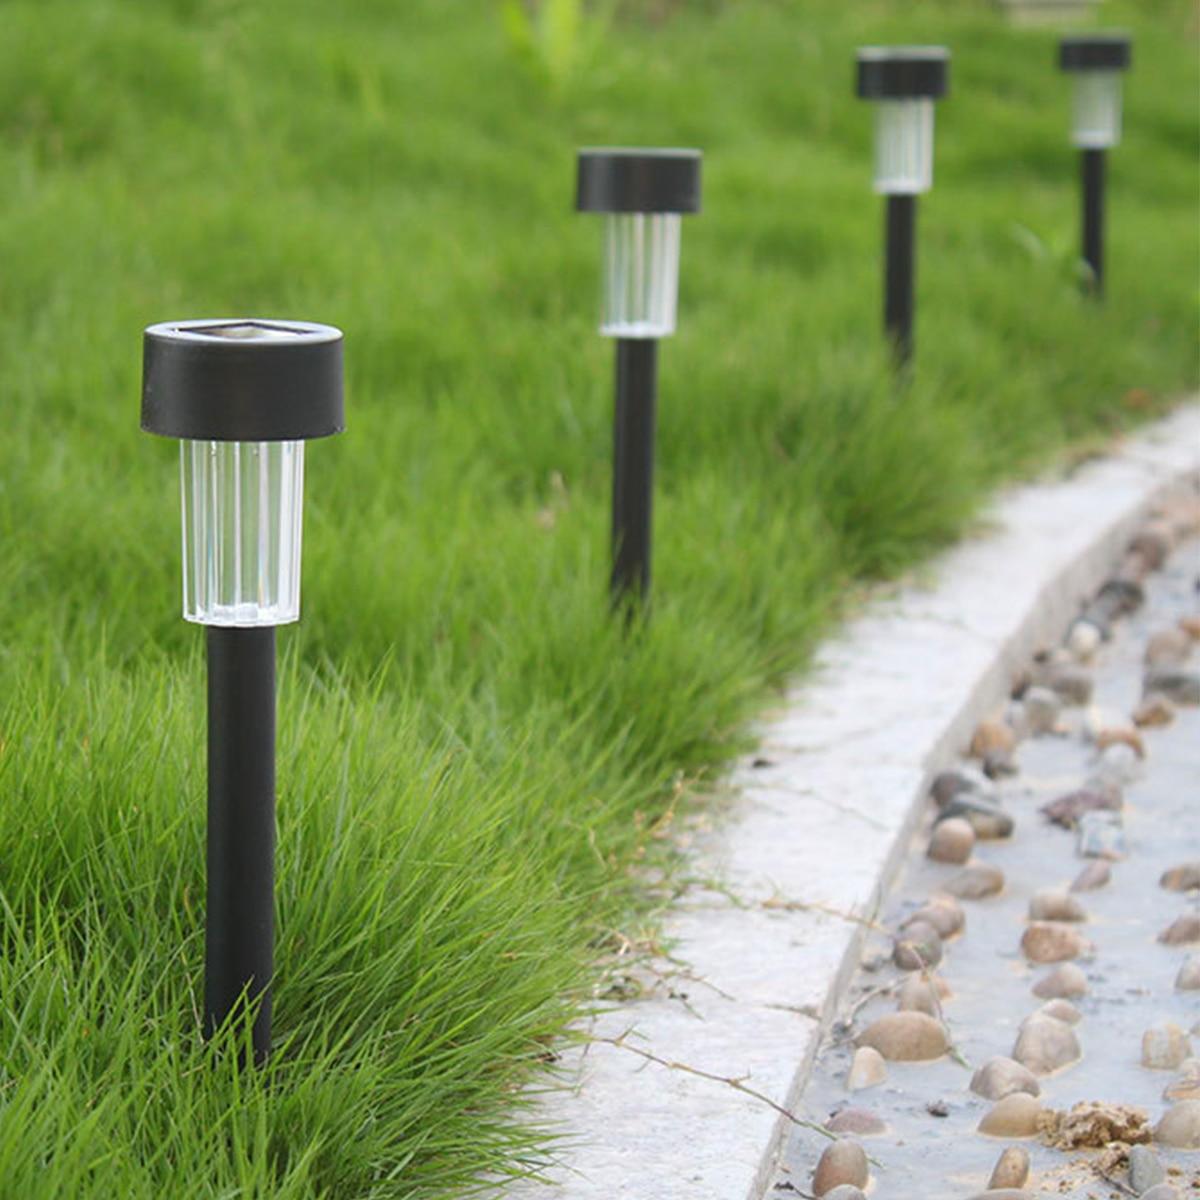 Выбираем лучшие солнечные садовые фонари: 110 фото актуальных моделей, принцип их работы и особенности применения